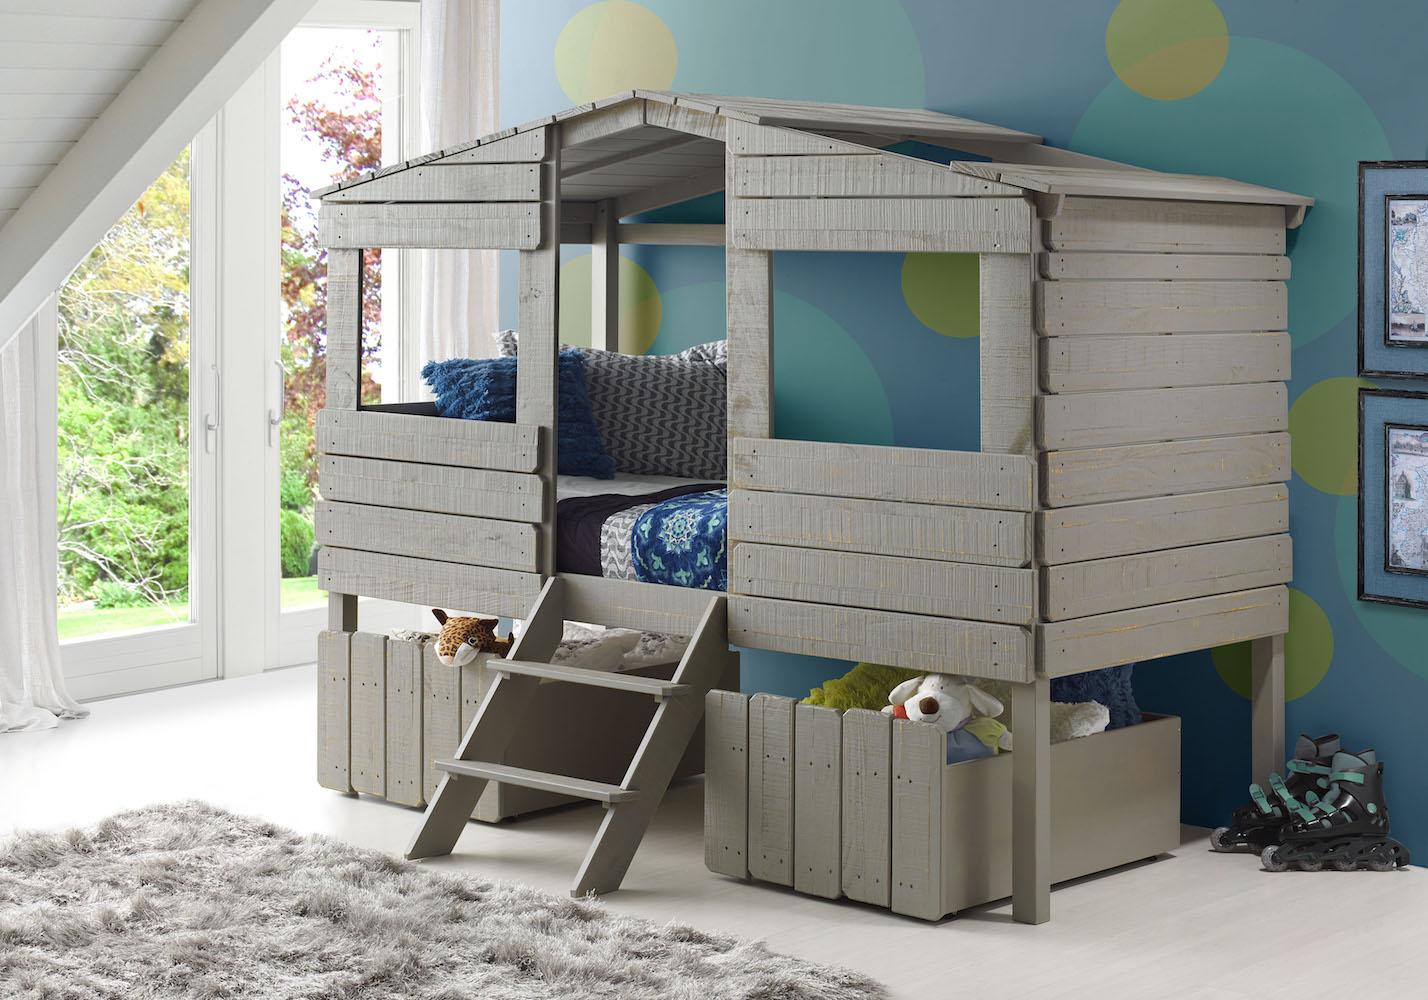 Tree House Lofts